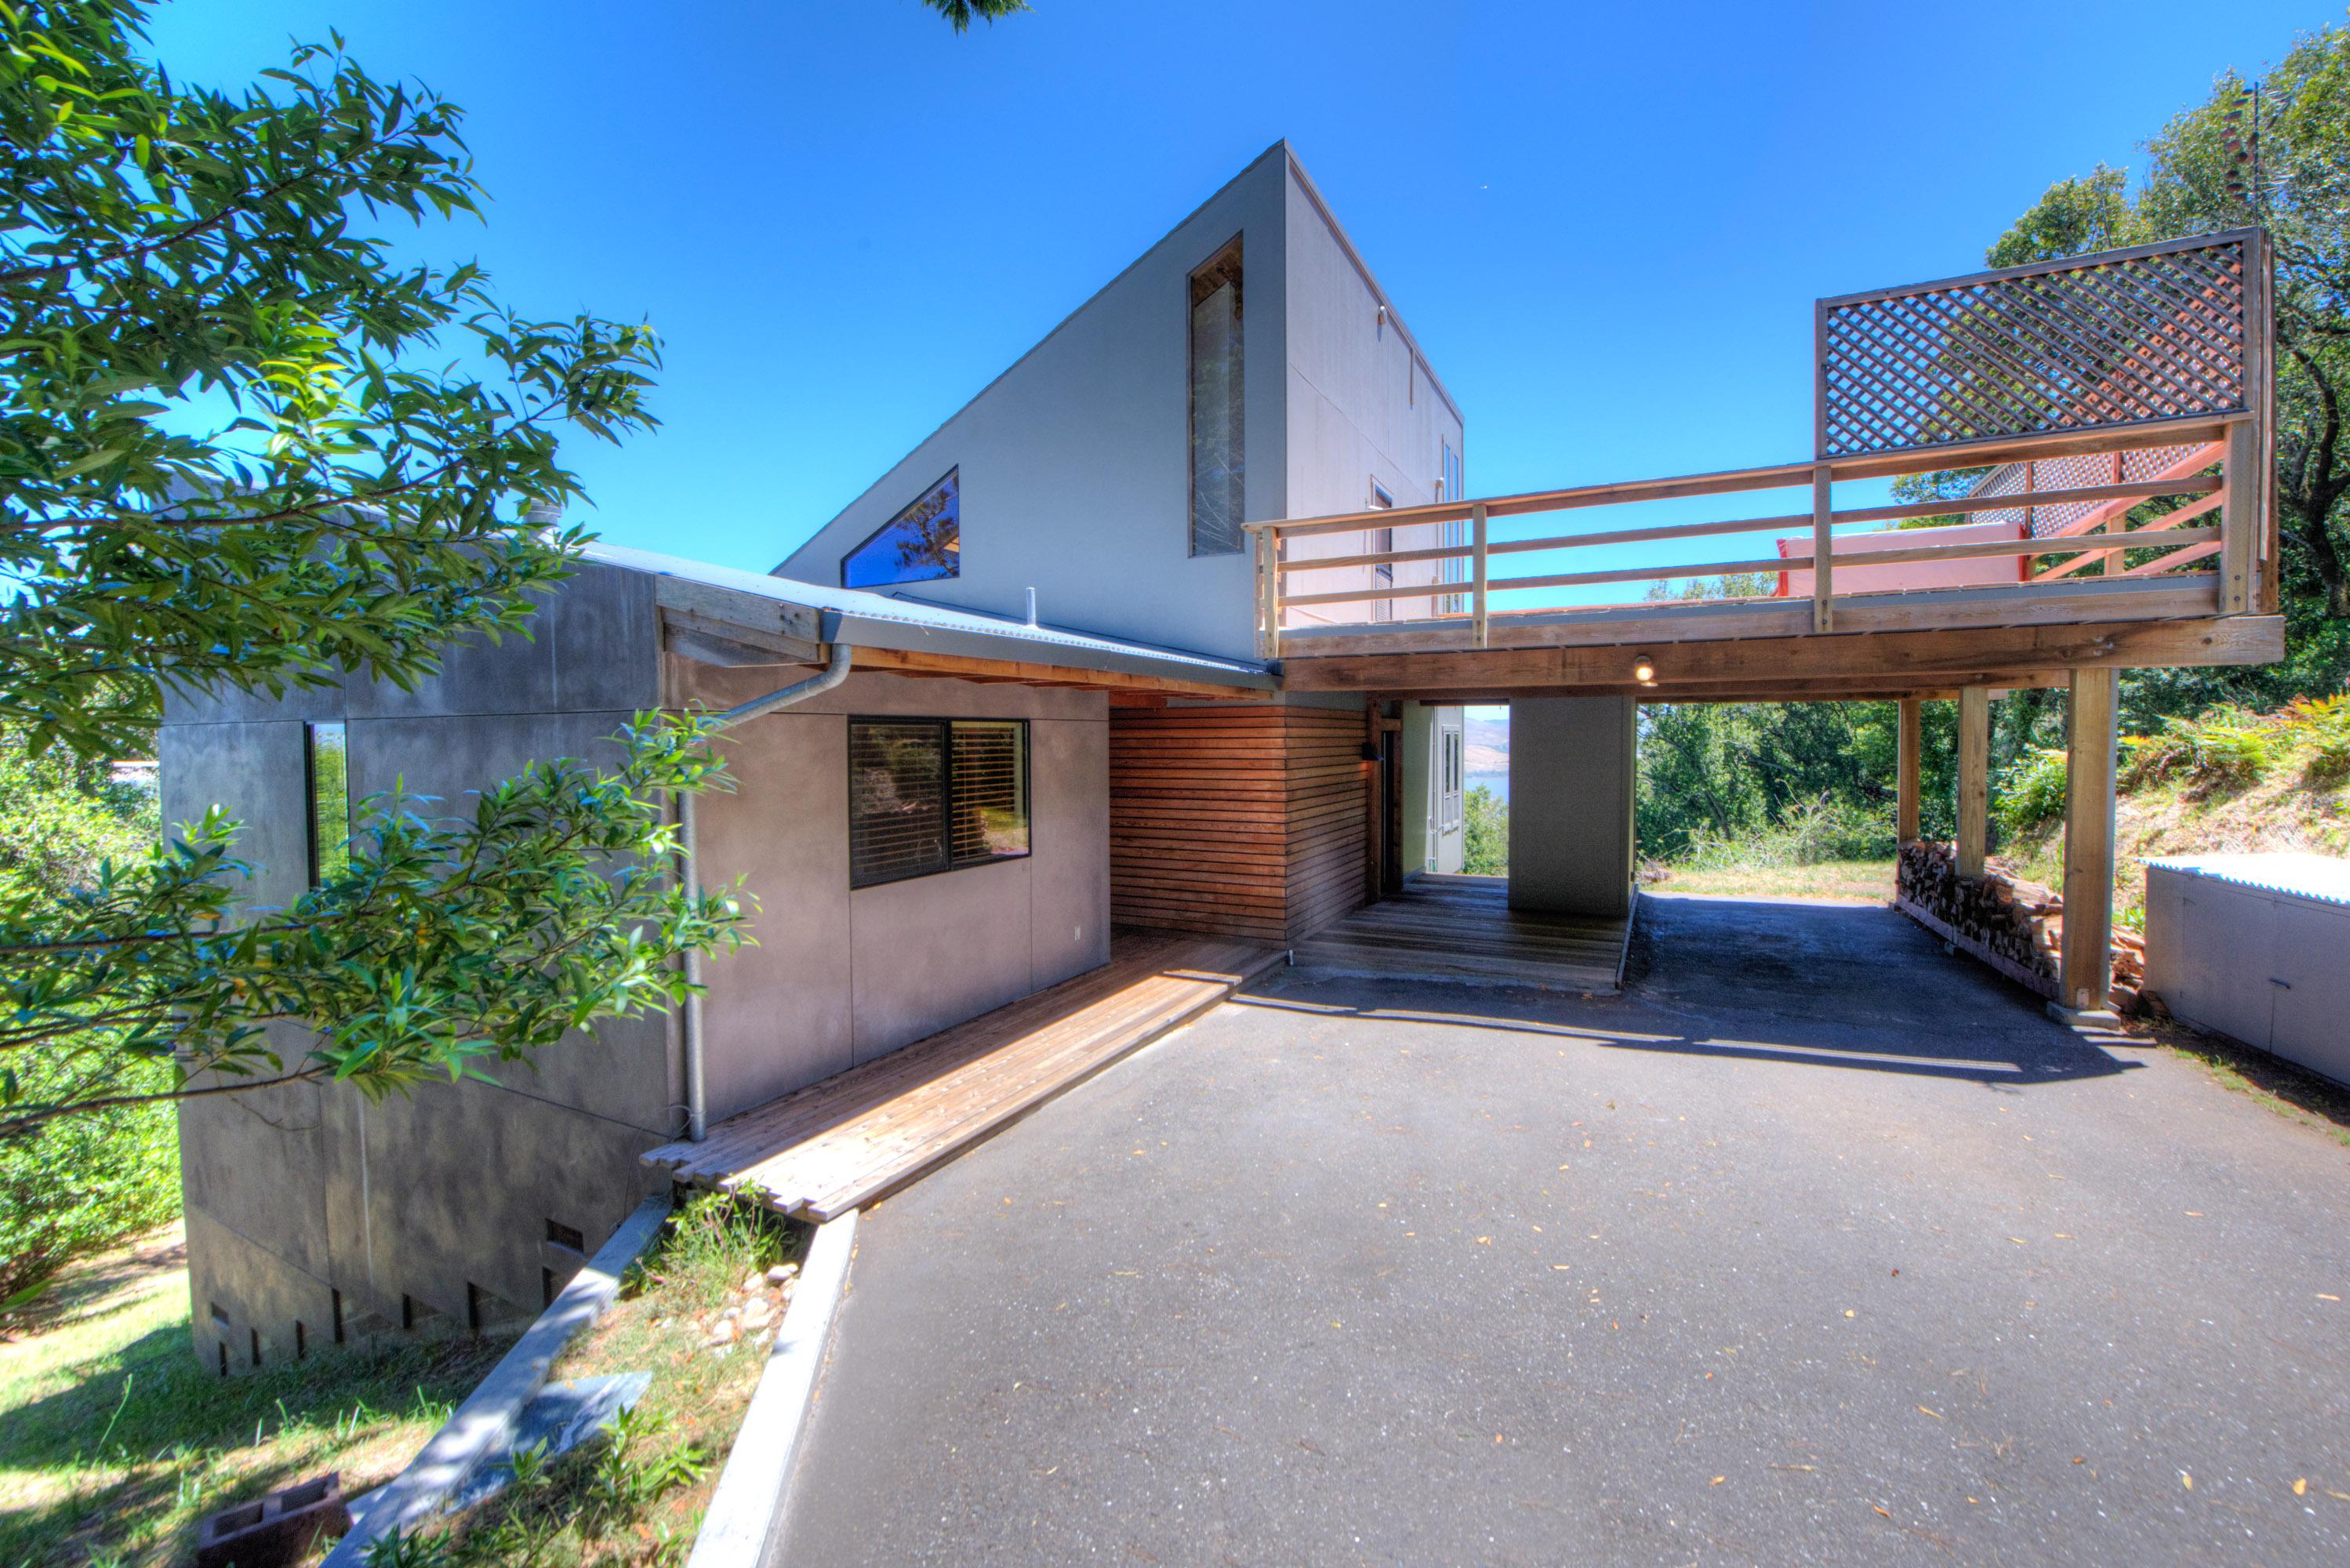 Einfamilienhaus für Verkauf beim Bay View Beauty 85 Highland Way Inverness, Kalifornien, 94937 Vereinigte Staaten